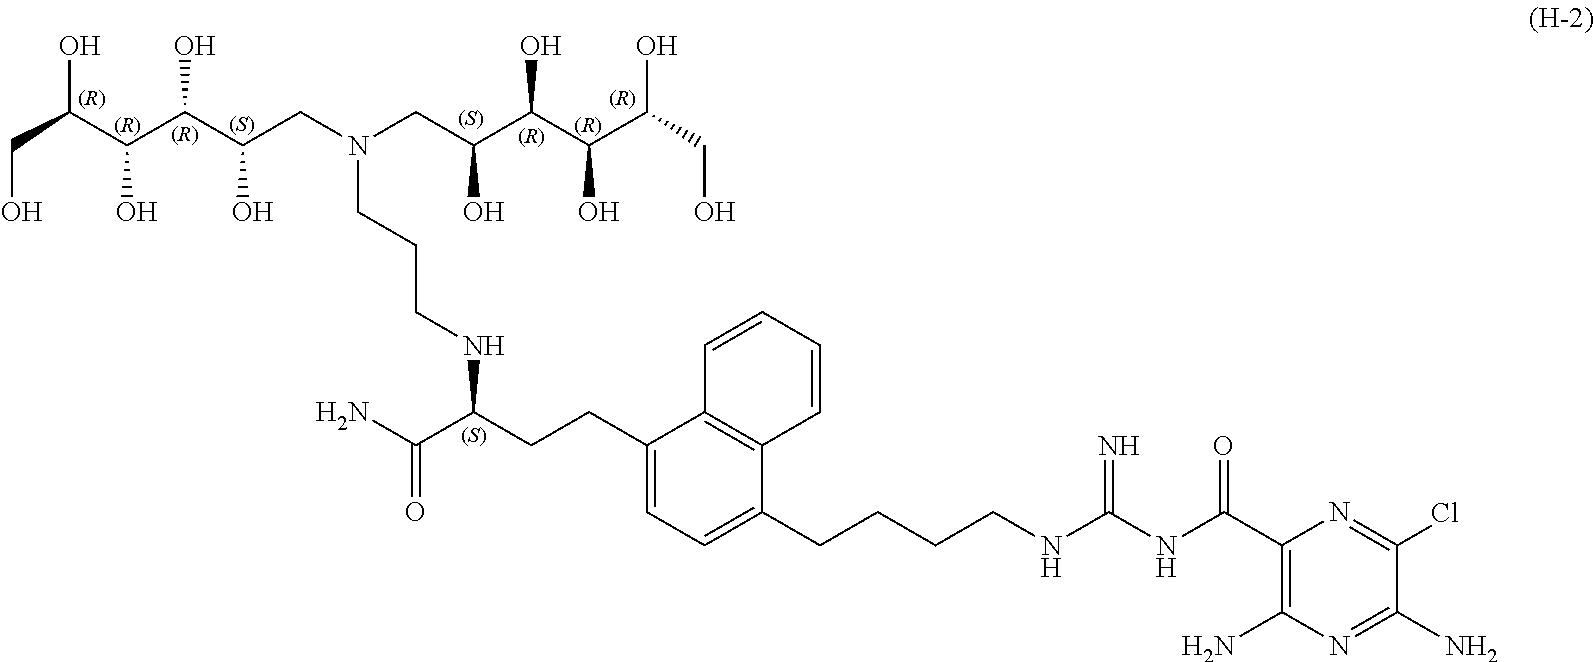 Figure US09695134-20170704-C00019